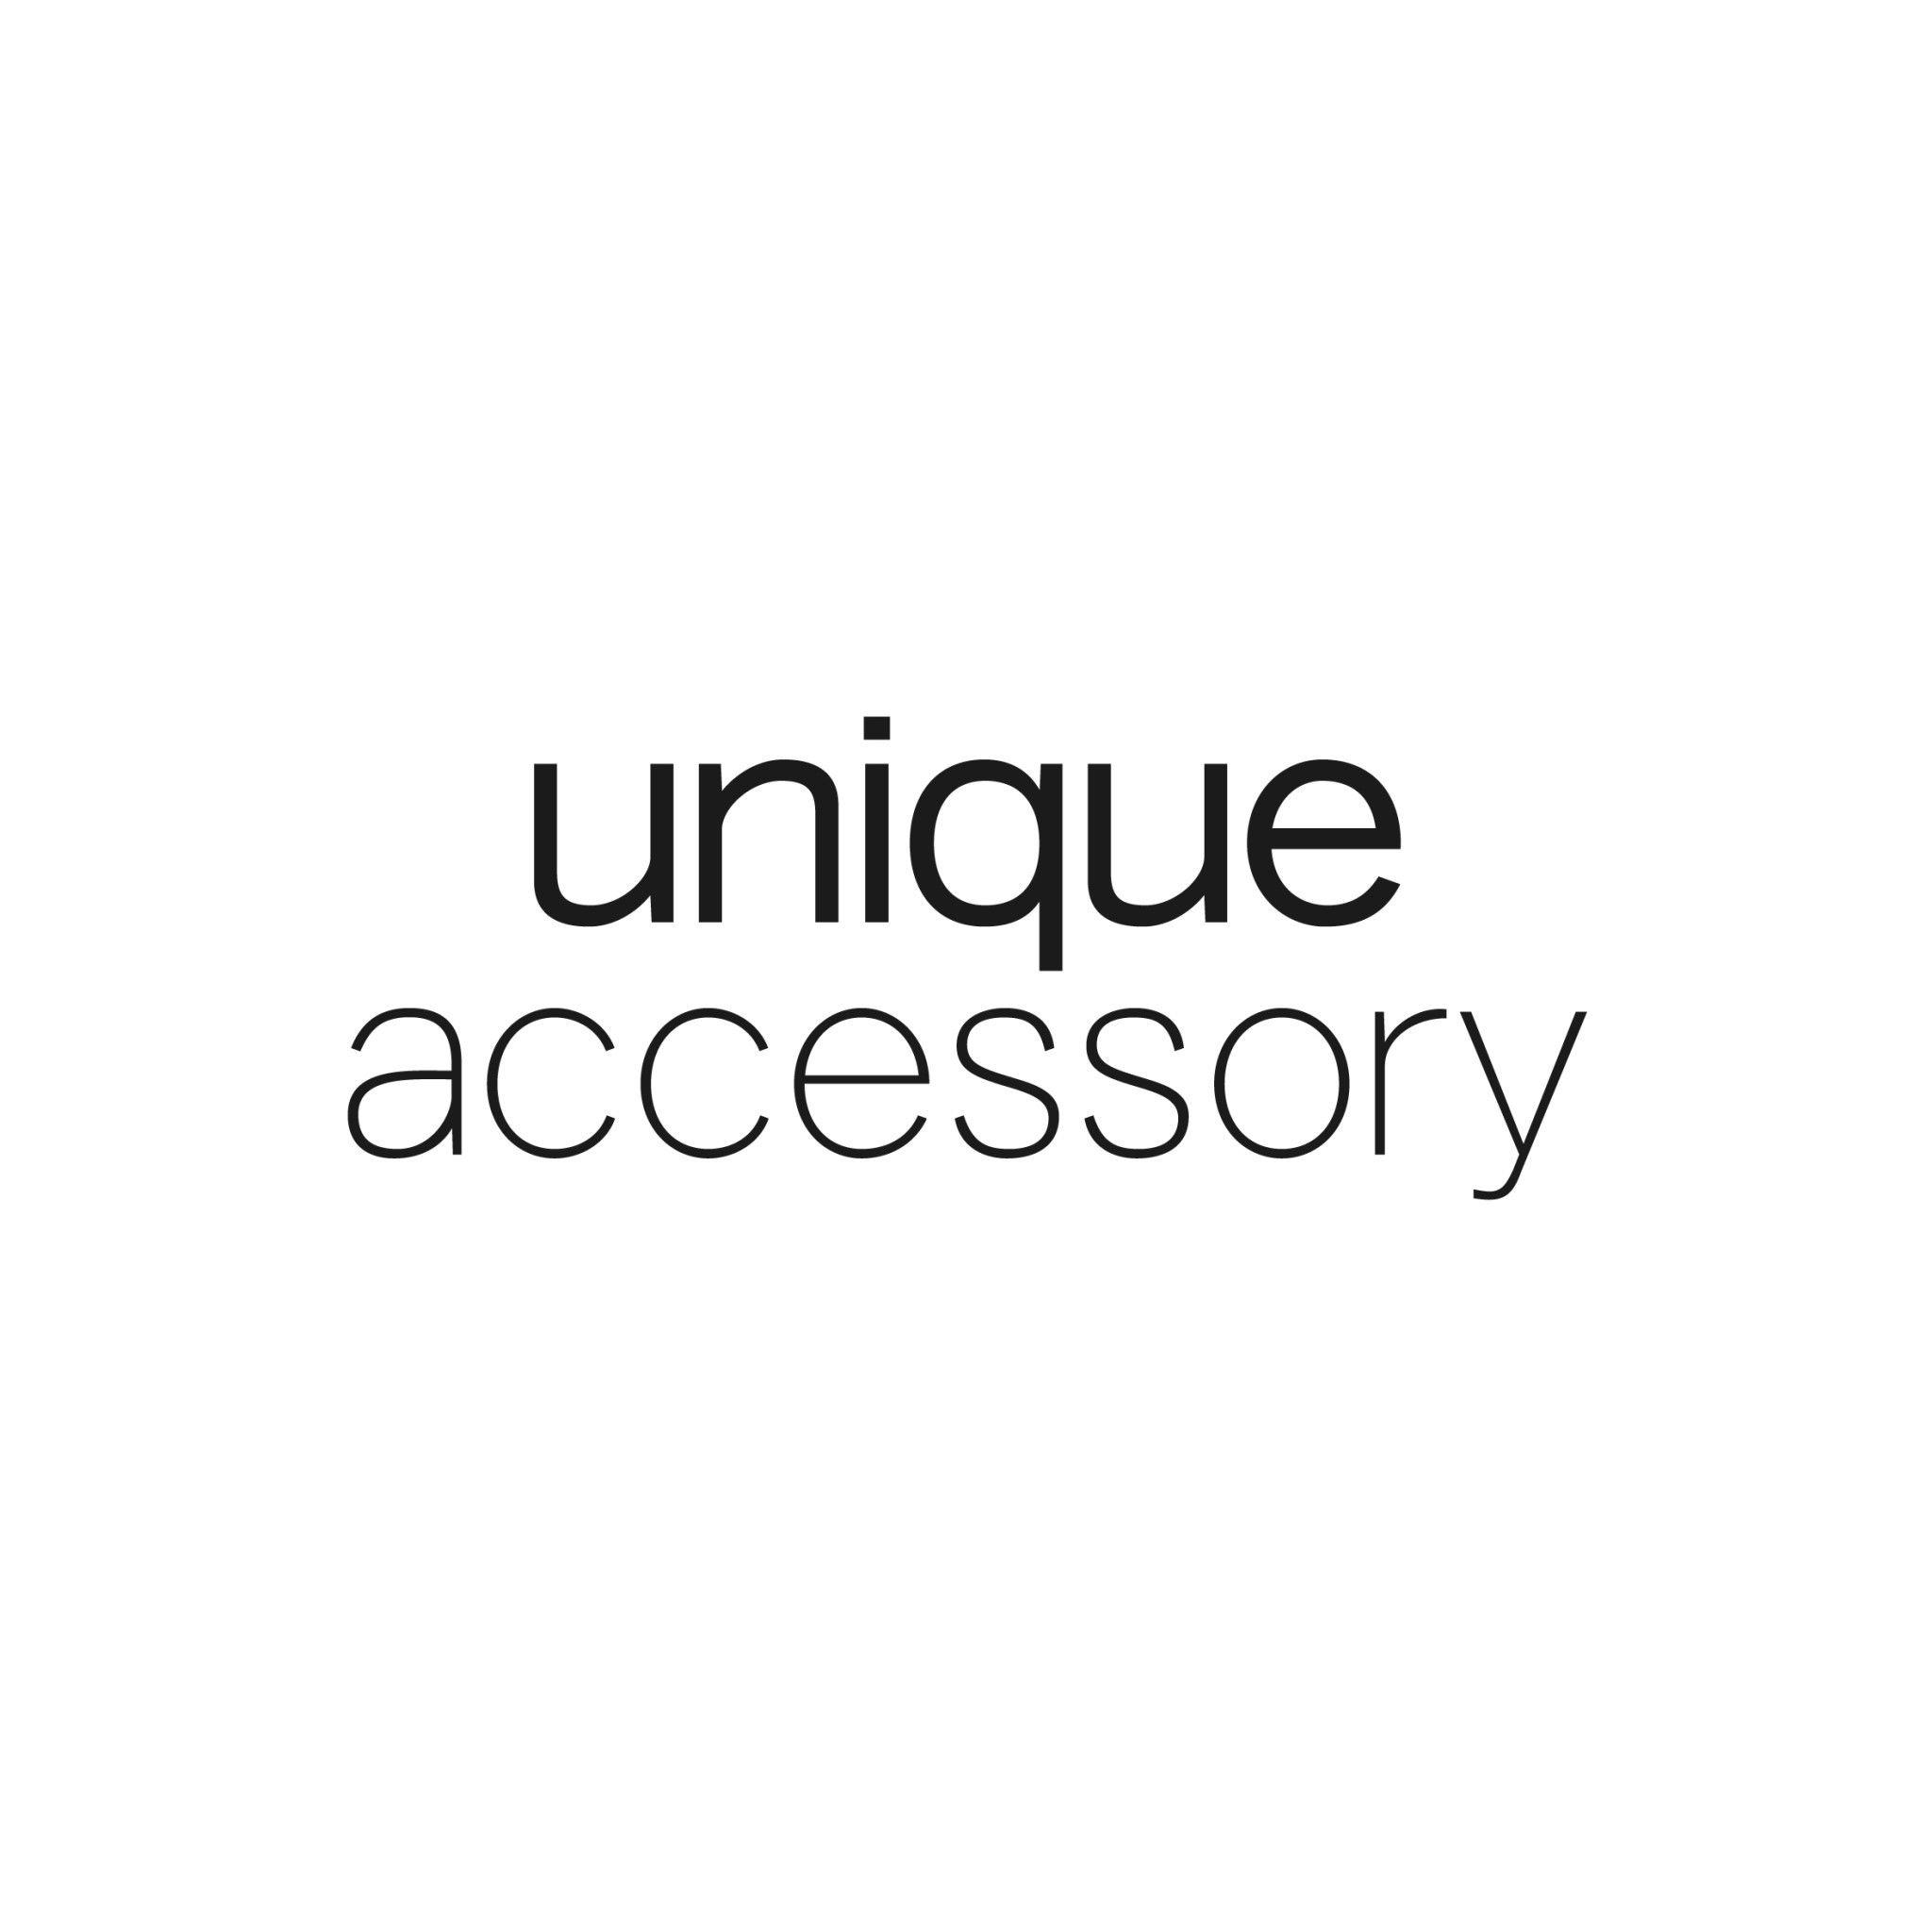 unique_accessory